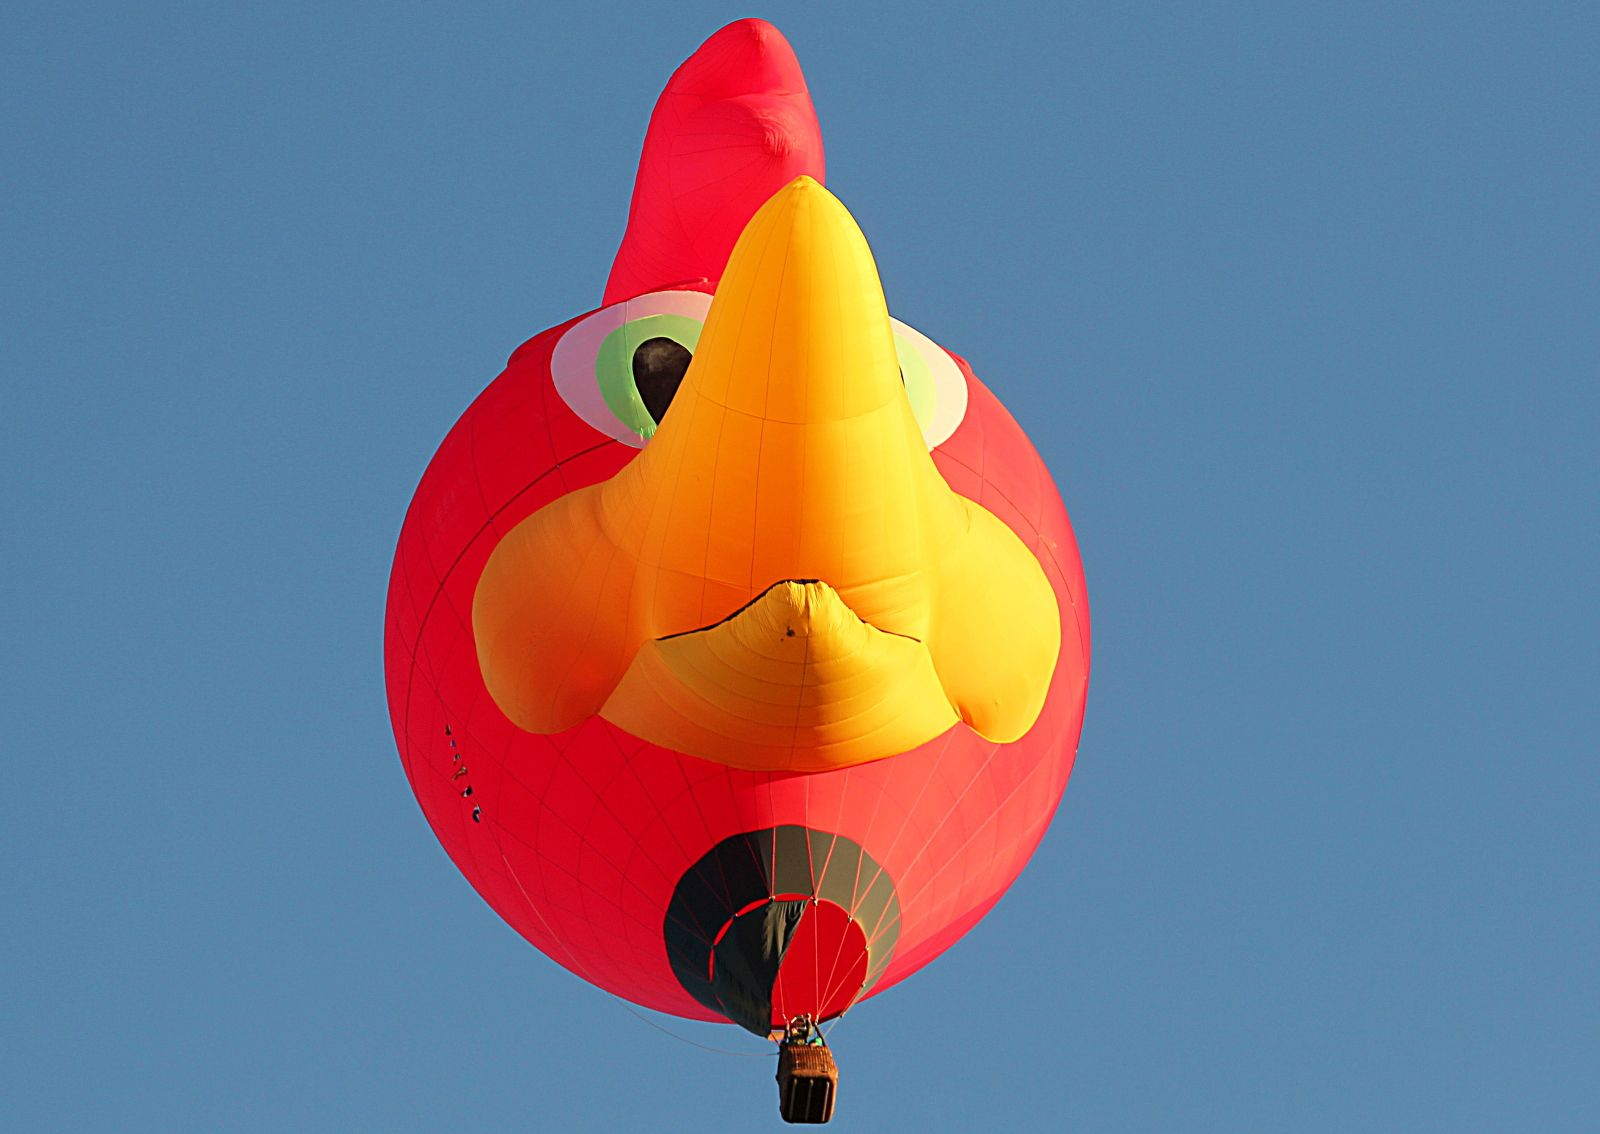 Special Shape Balloon Fiesta Balloons Air Balloon